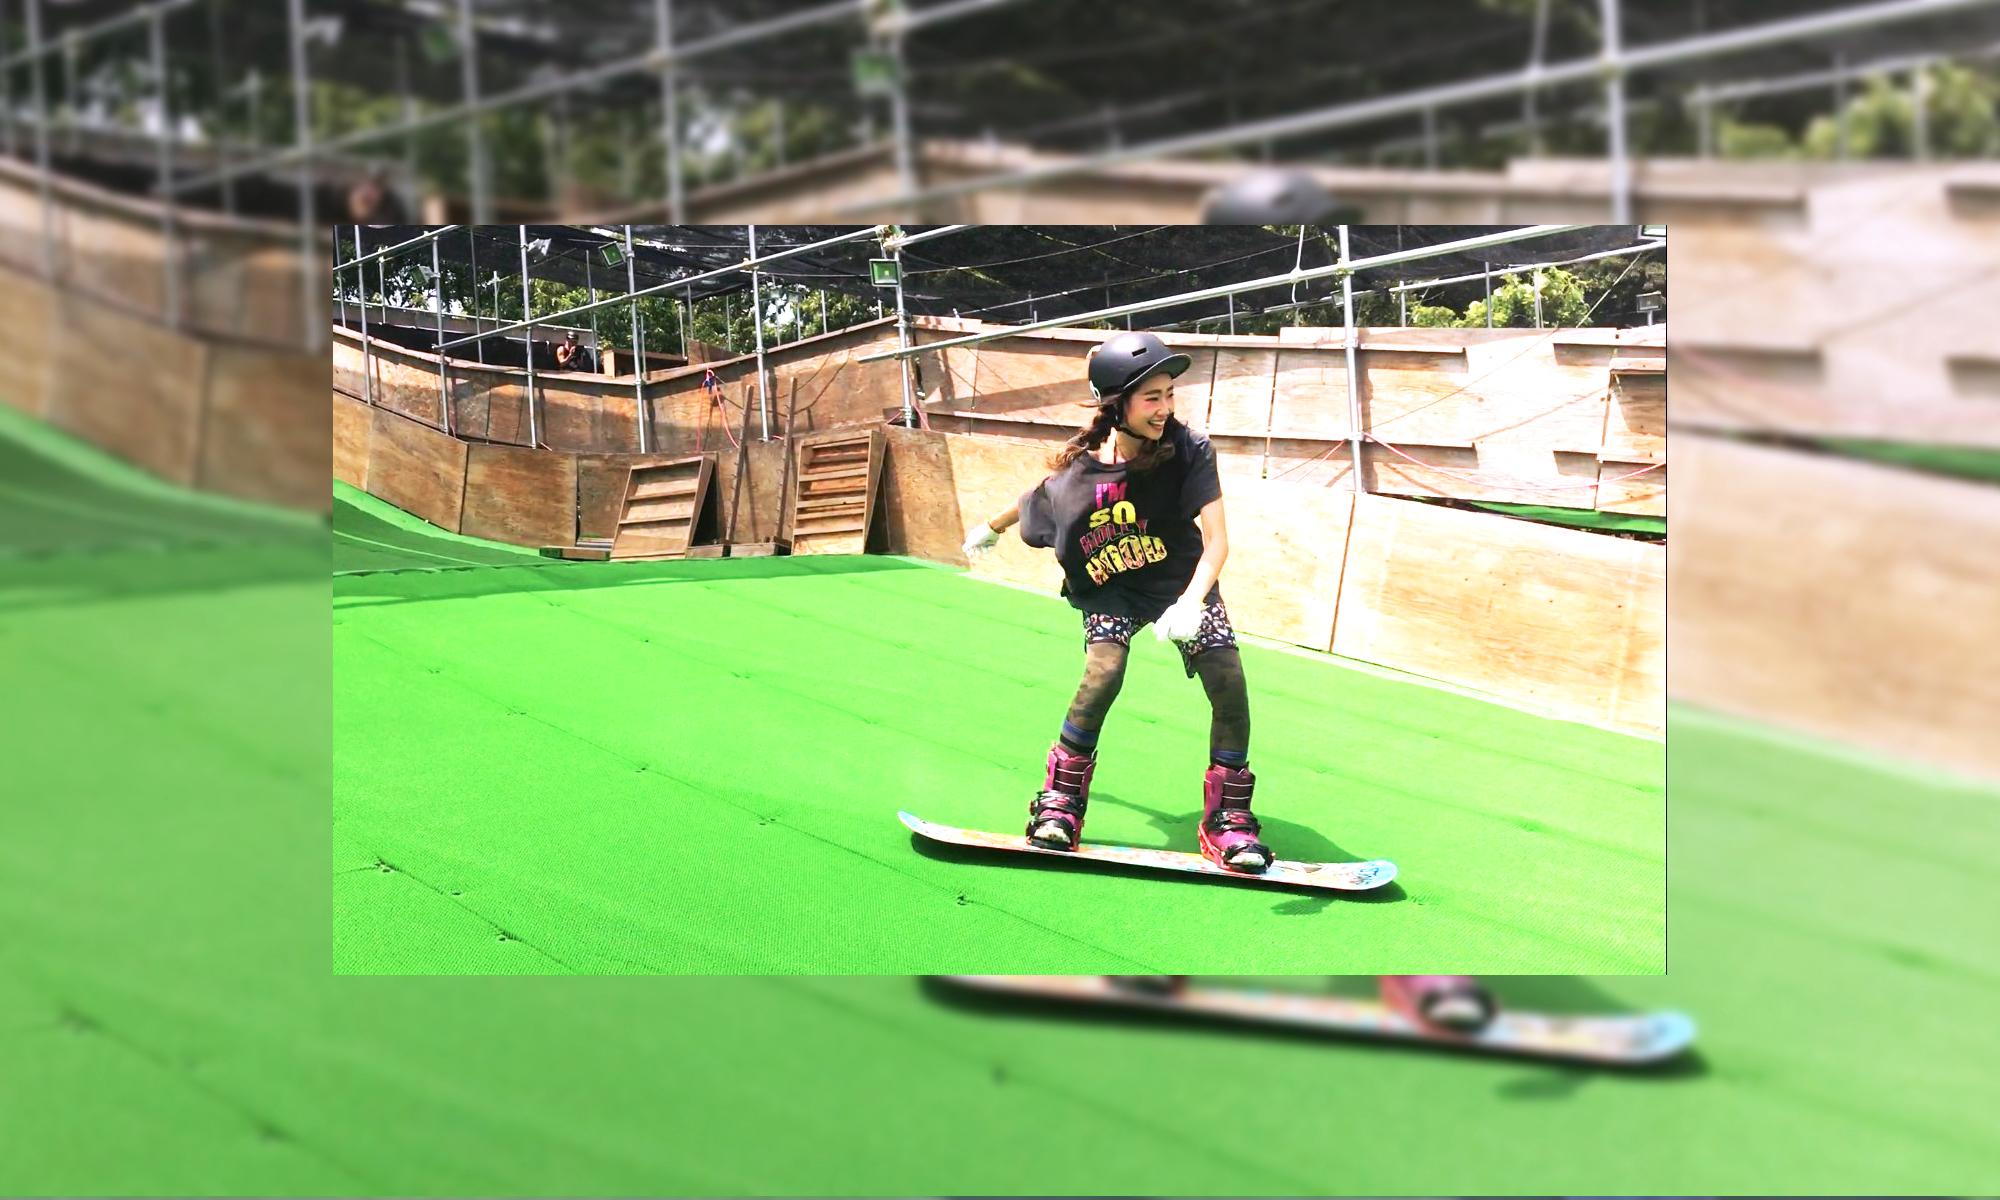 スキー、スノーボード練習場 BRUSH? PARKS